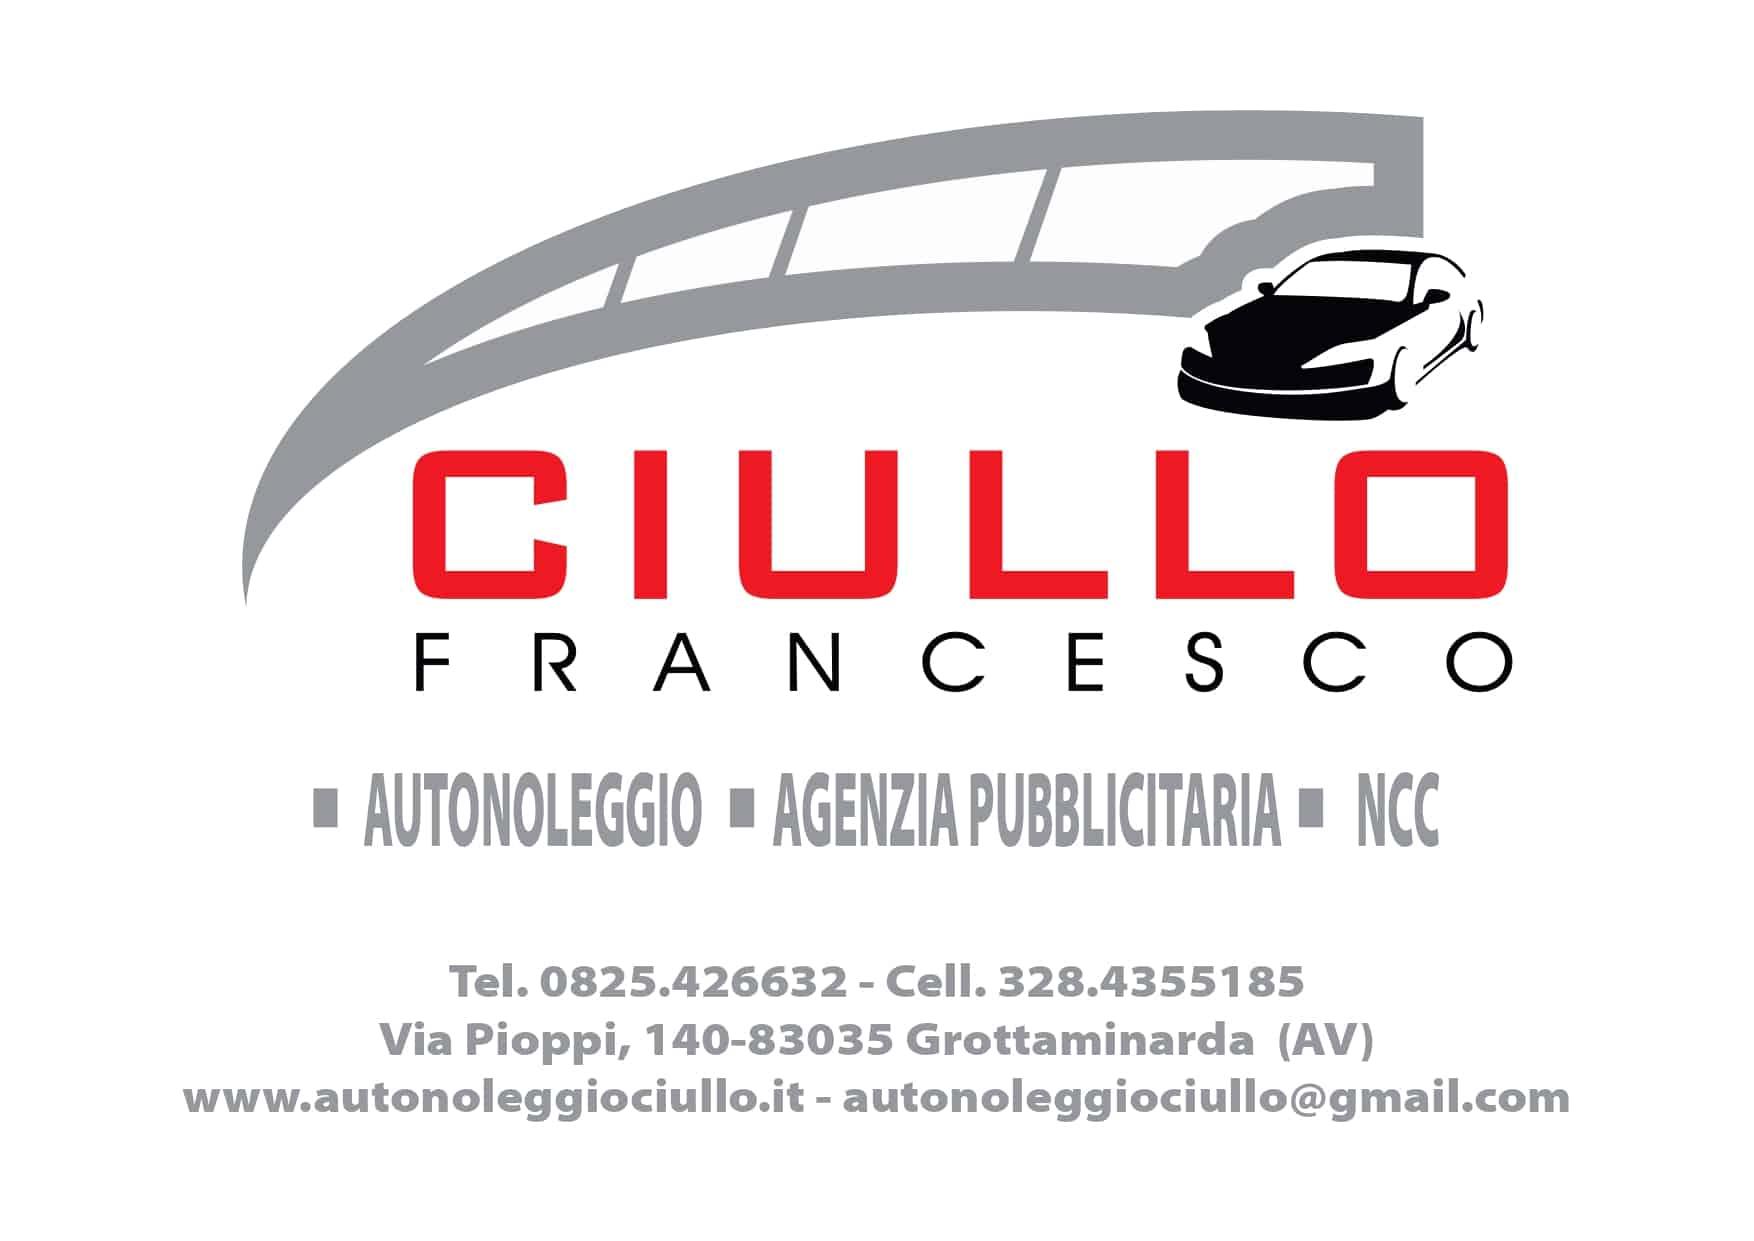 Autonoleggio Ciullo